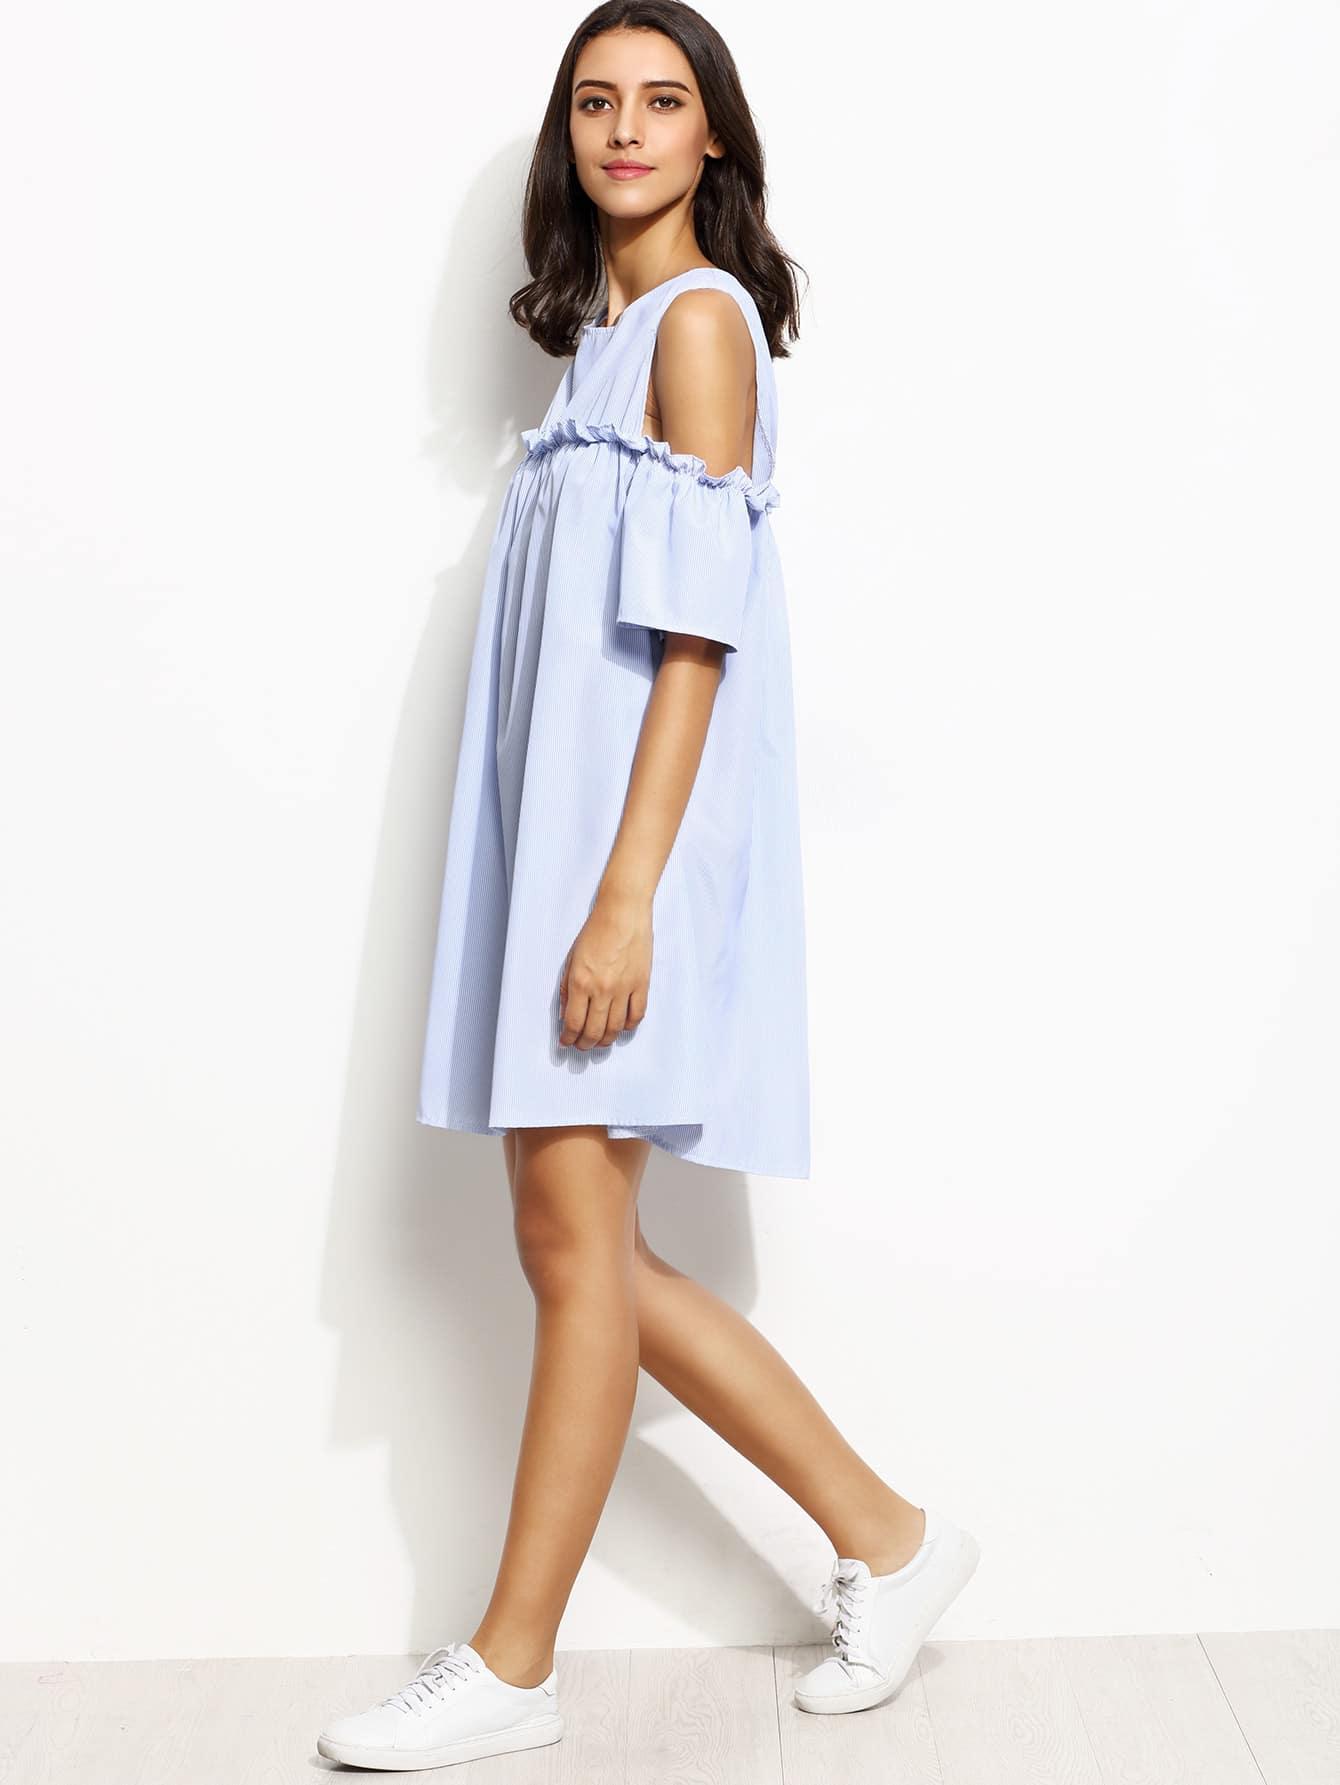 dress160816101_2